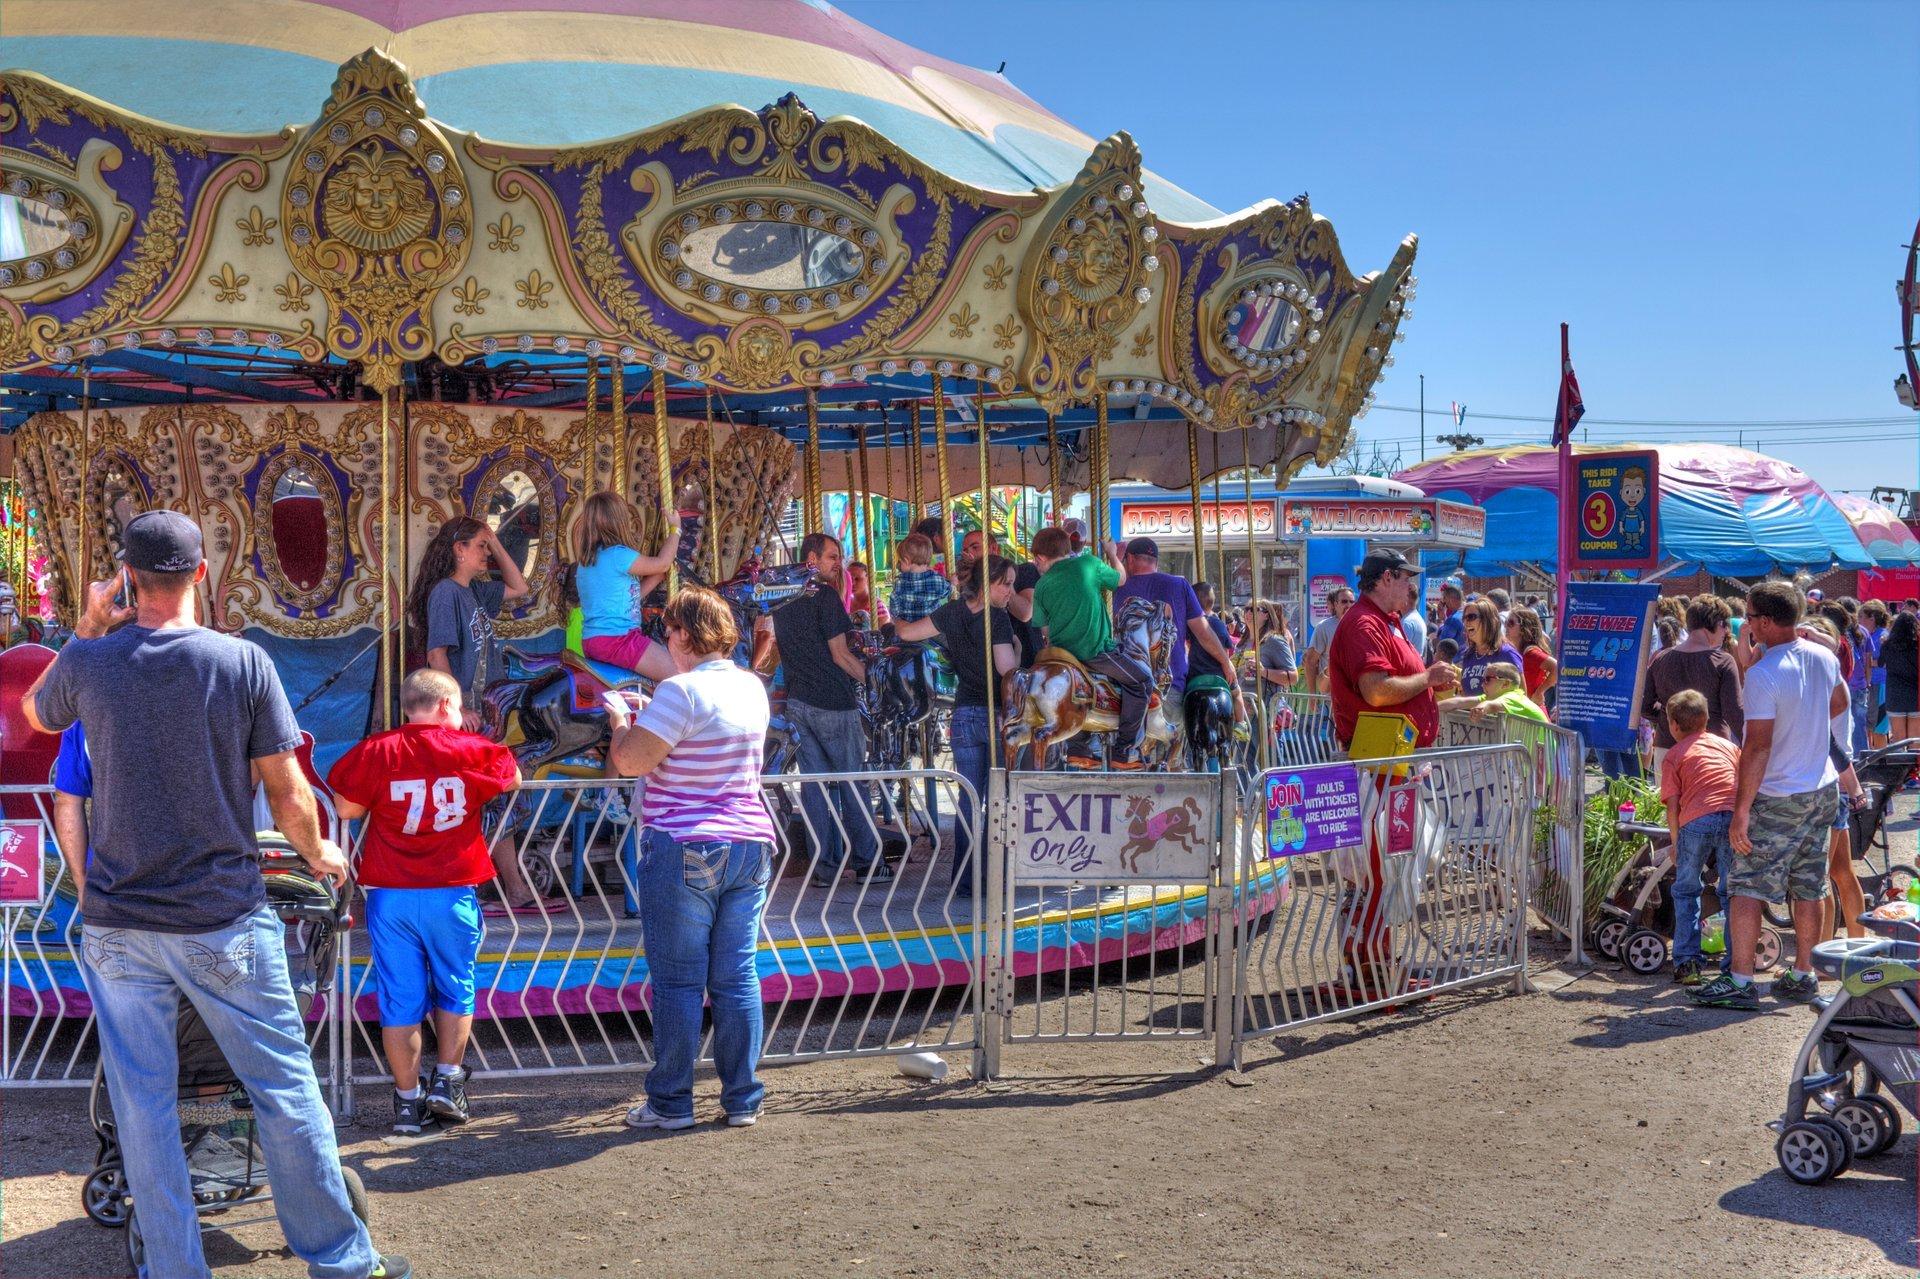 Kansas State Fair in Kansas 2020 - Best Time